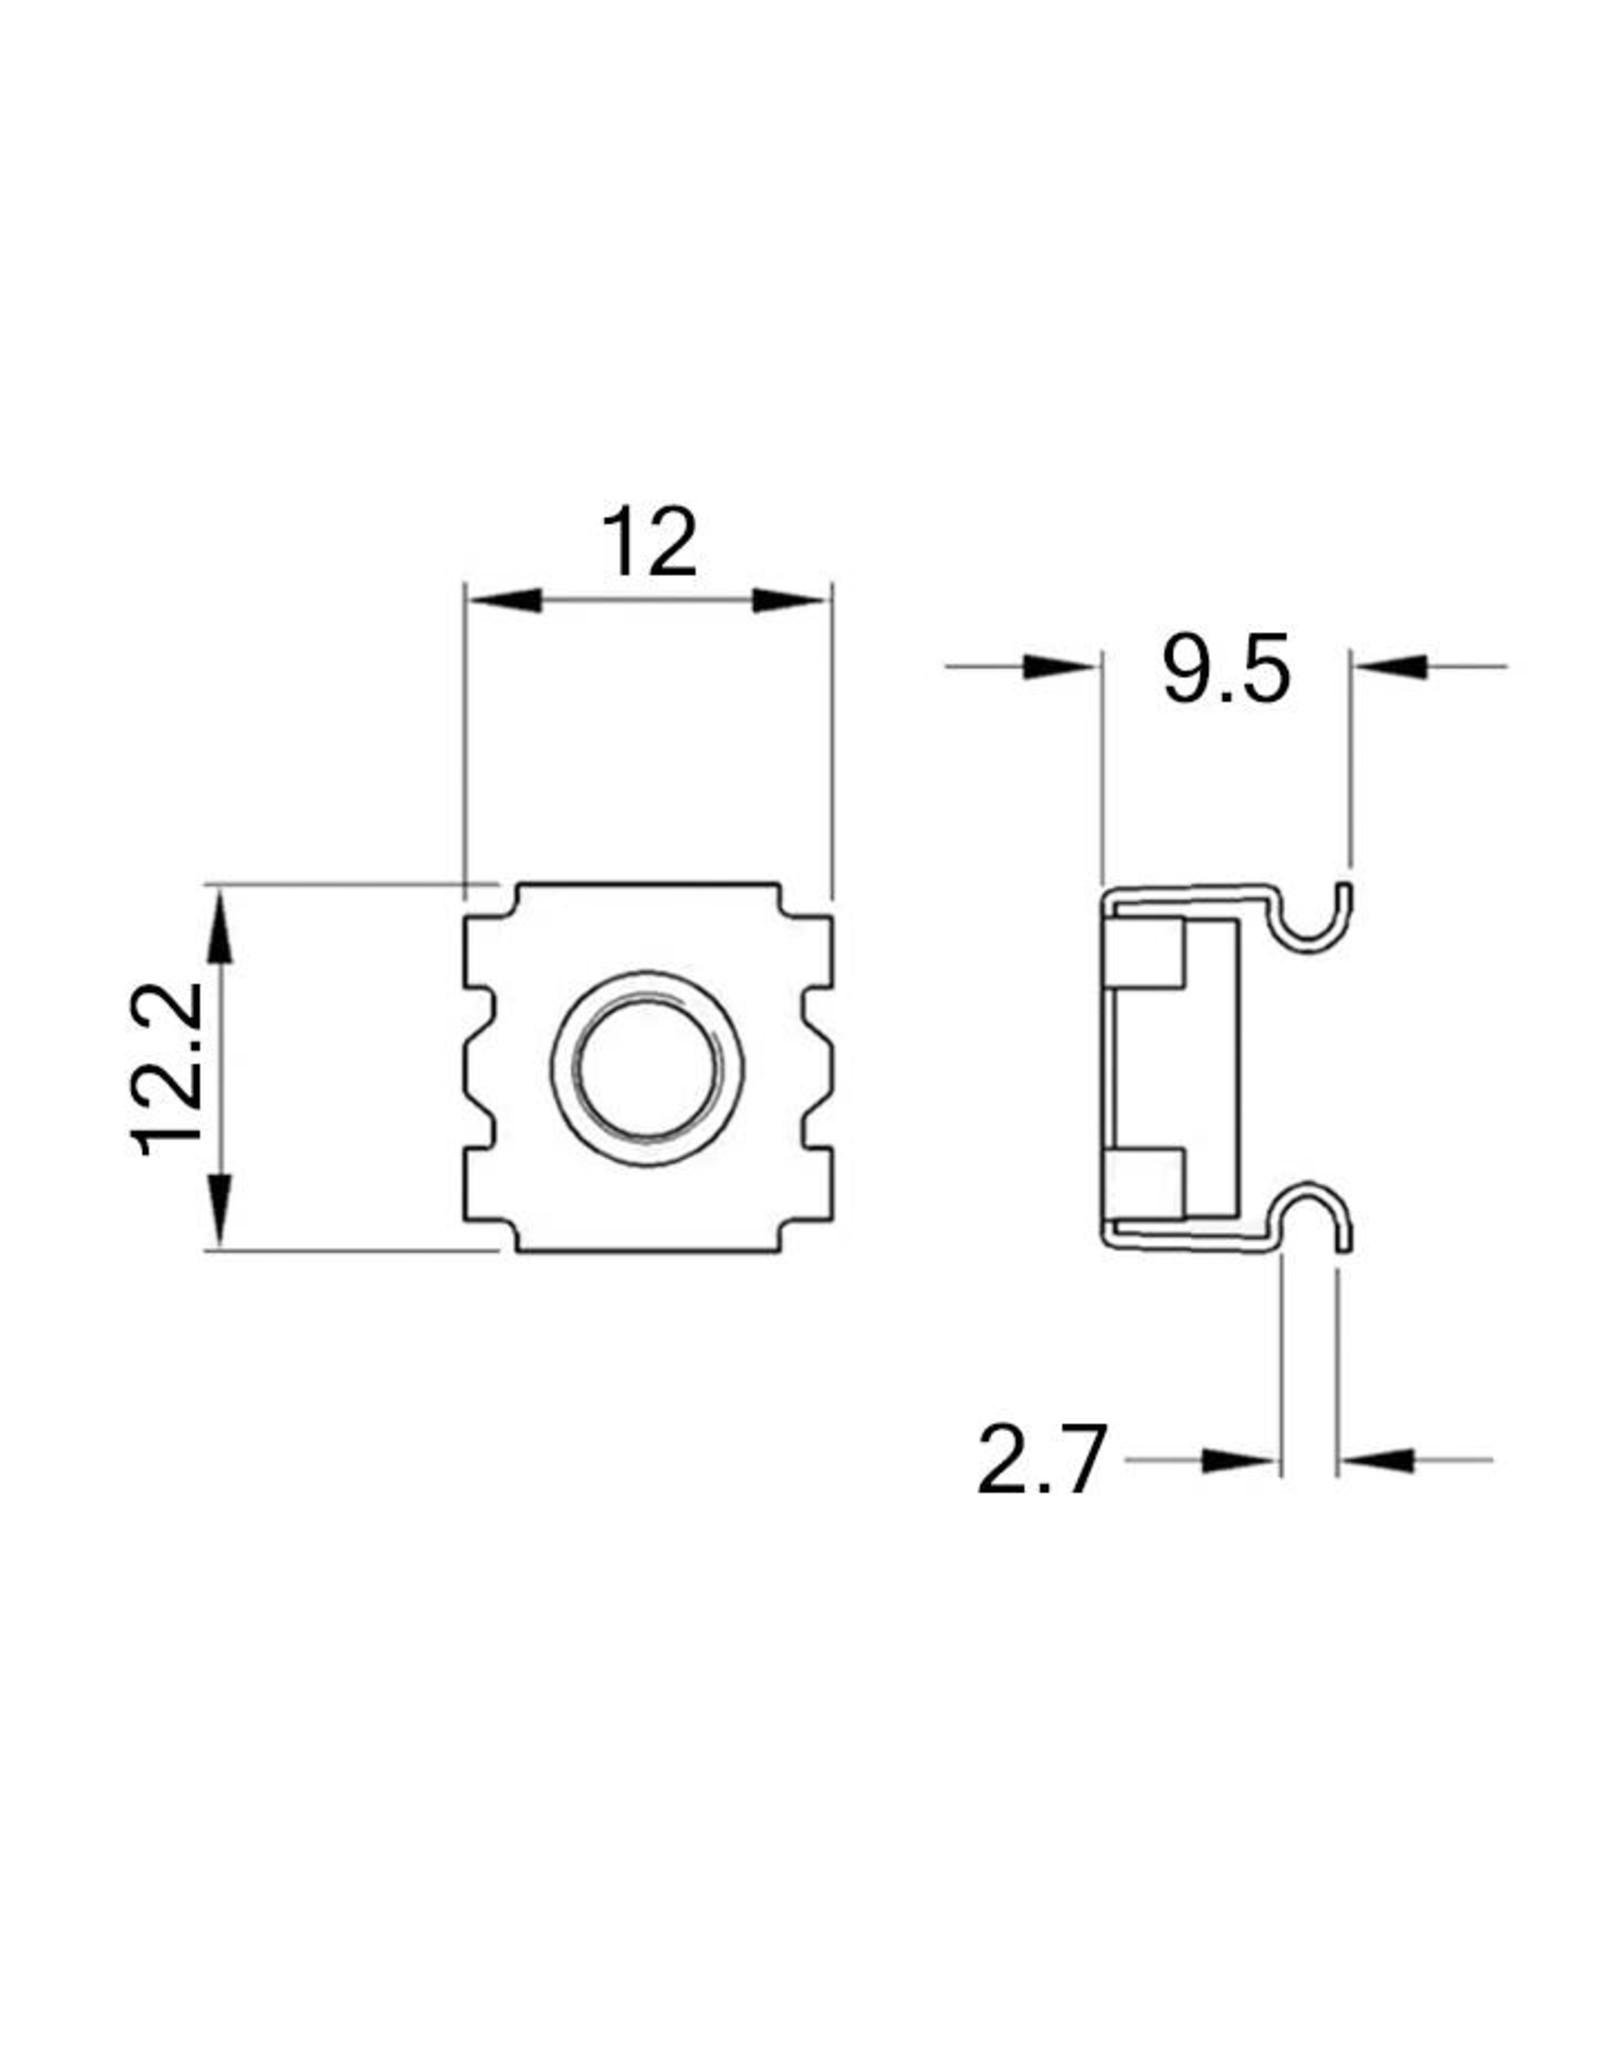 Penn Elcom Penn Elcom kooimoer M6, 2 mm, 100 stuks